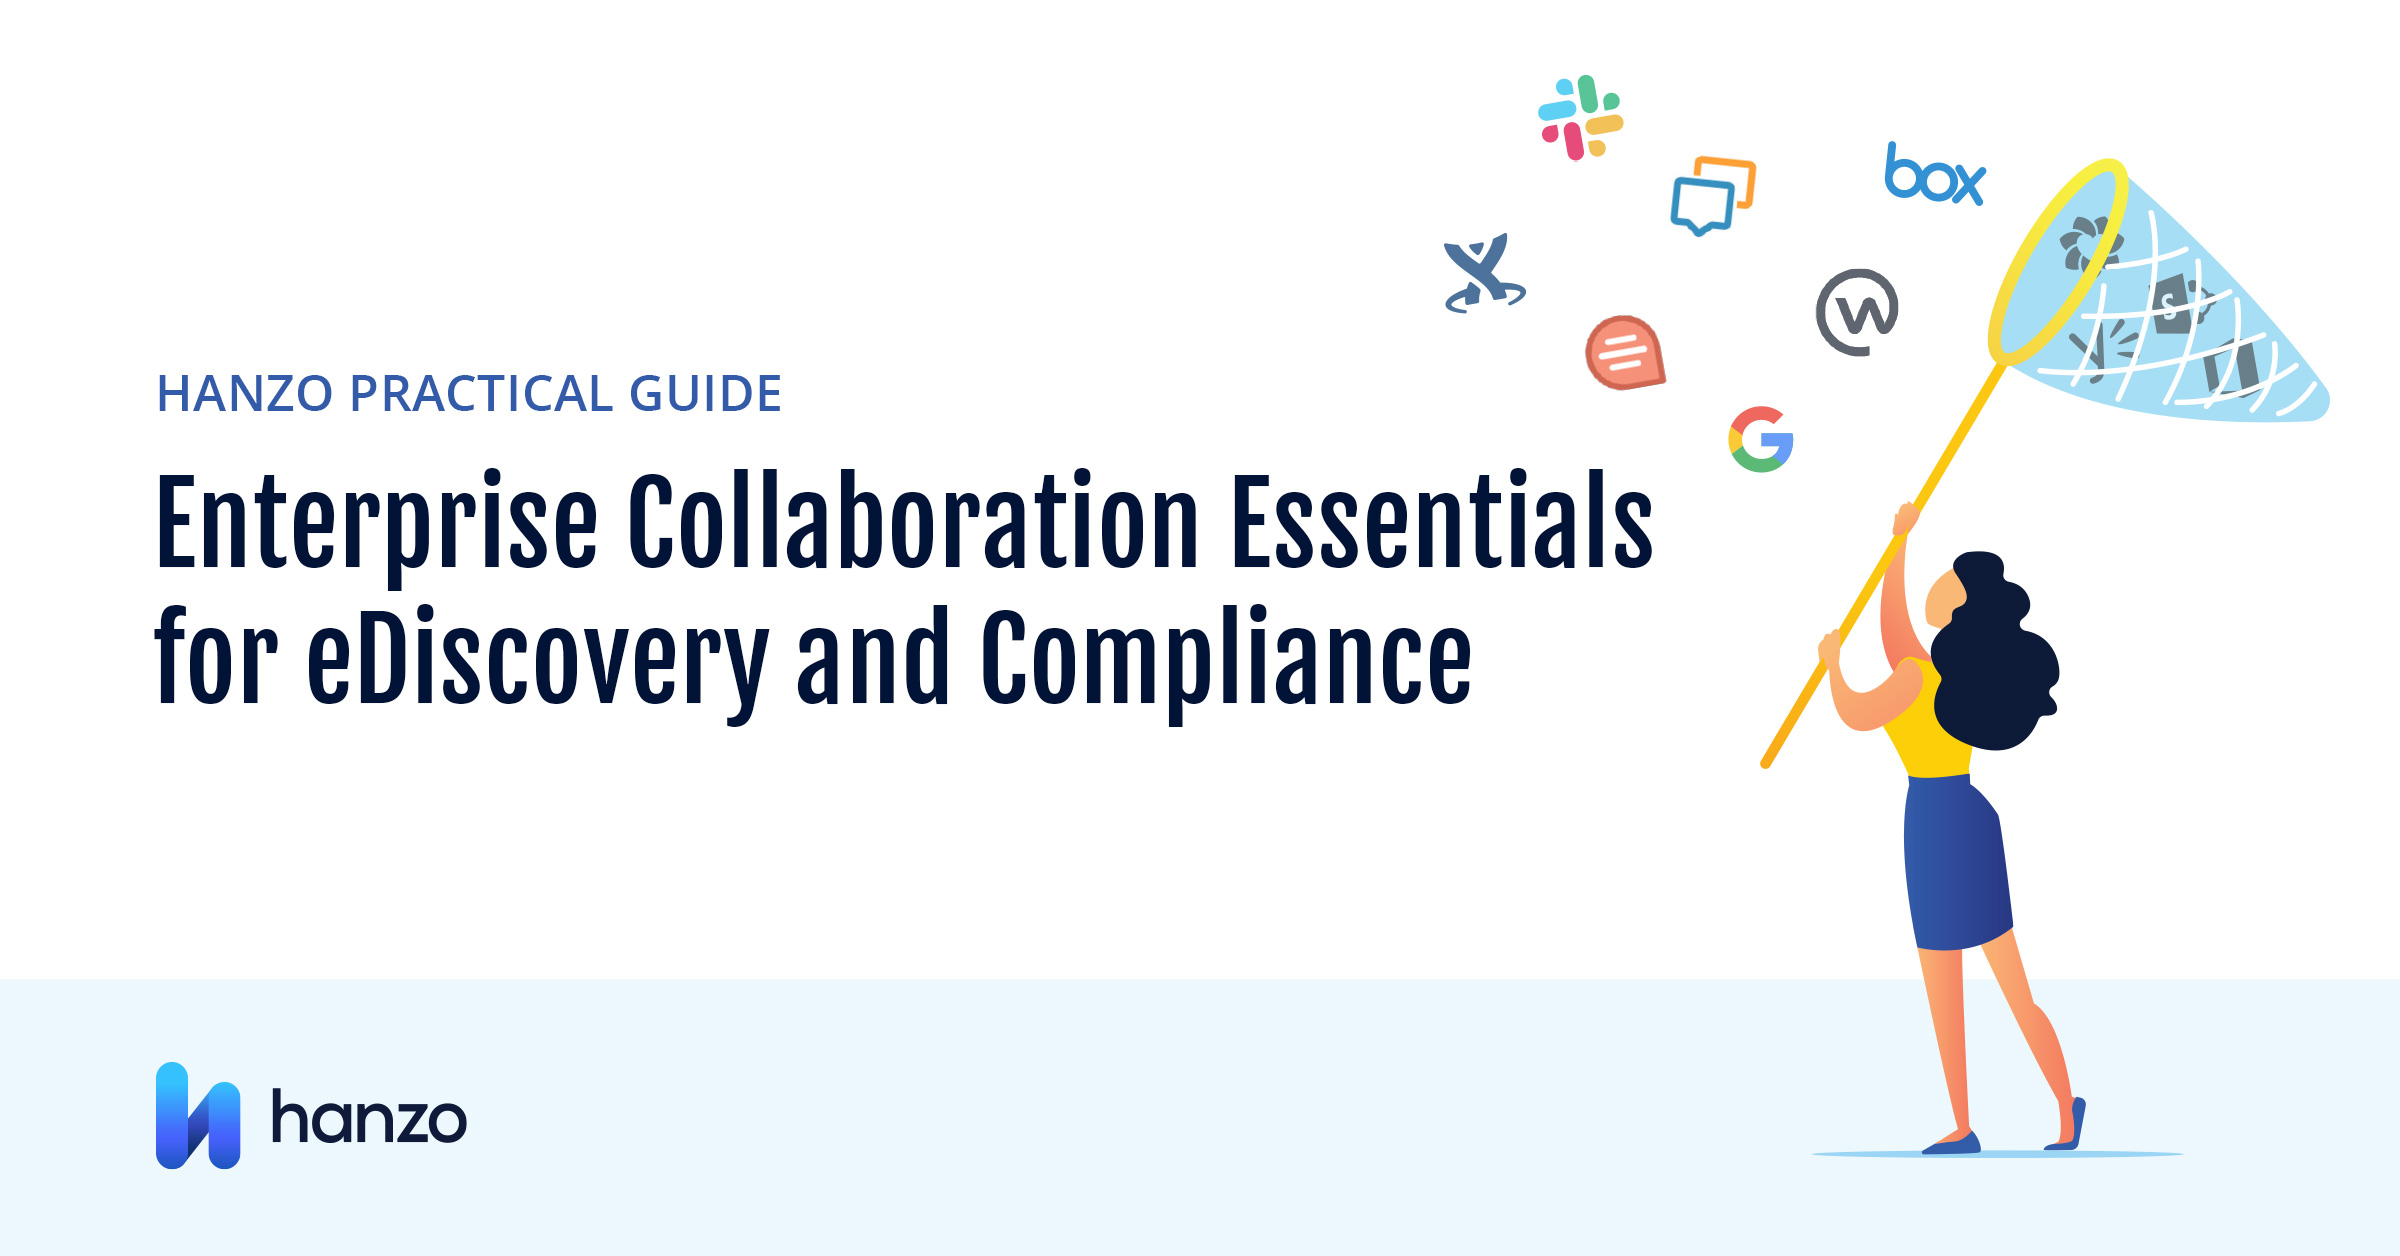 Hanzo-Practical-guide-- Enterprise-Collaboration-Social-Card